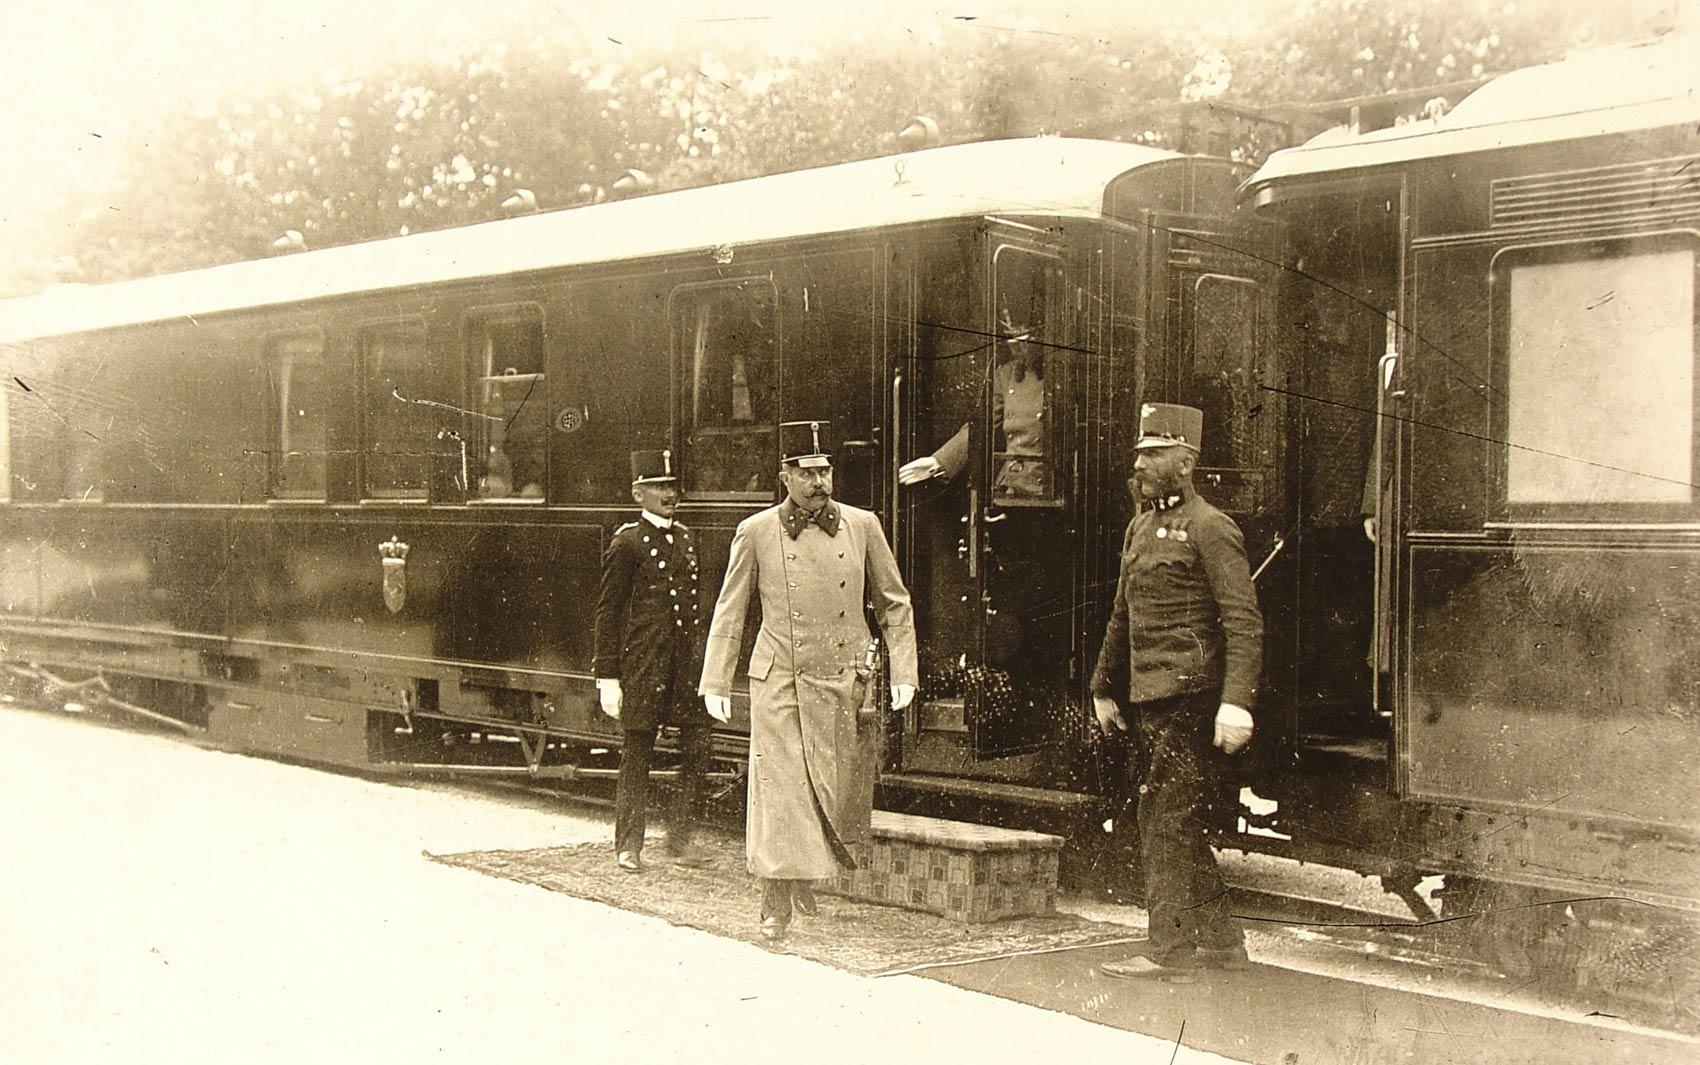 O arquiduque austríaco Francisco Ferdinando deixa seu trem em 27 de junho de 1914, um dia antes de seu assassinato, em Sarajevo. o futuro imperador austro-húngaro que planejava ceder poder aos eslavos foi assassinado por um nacionalista sérvio bósnio